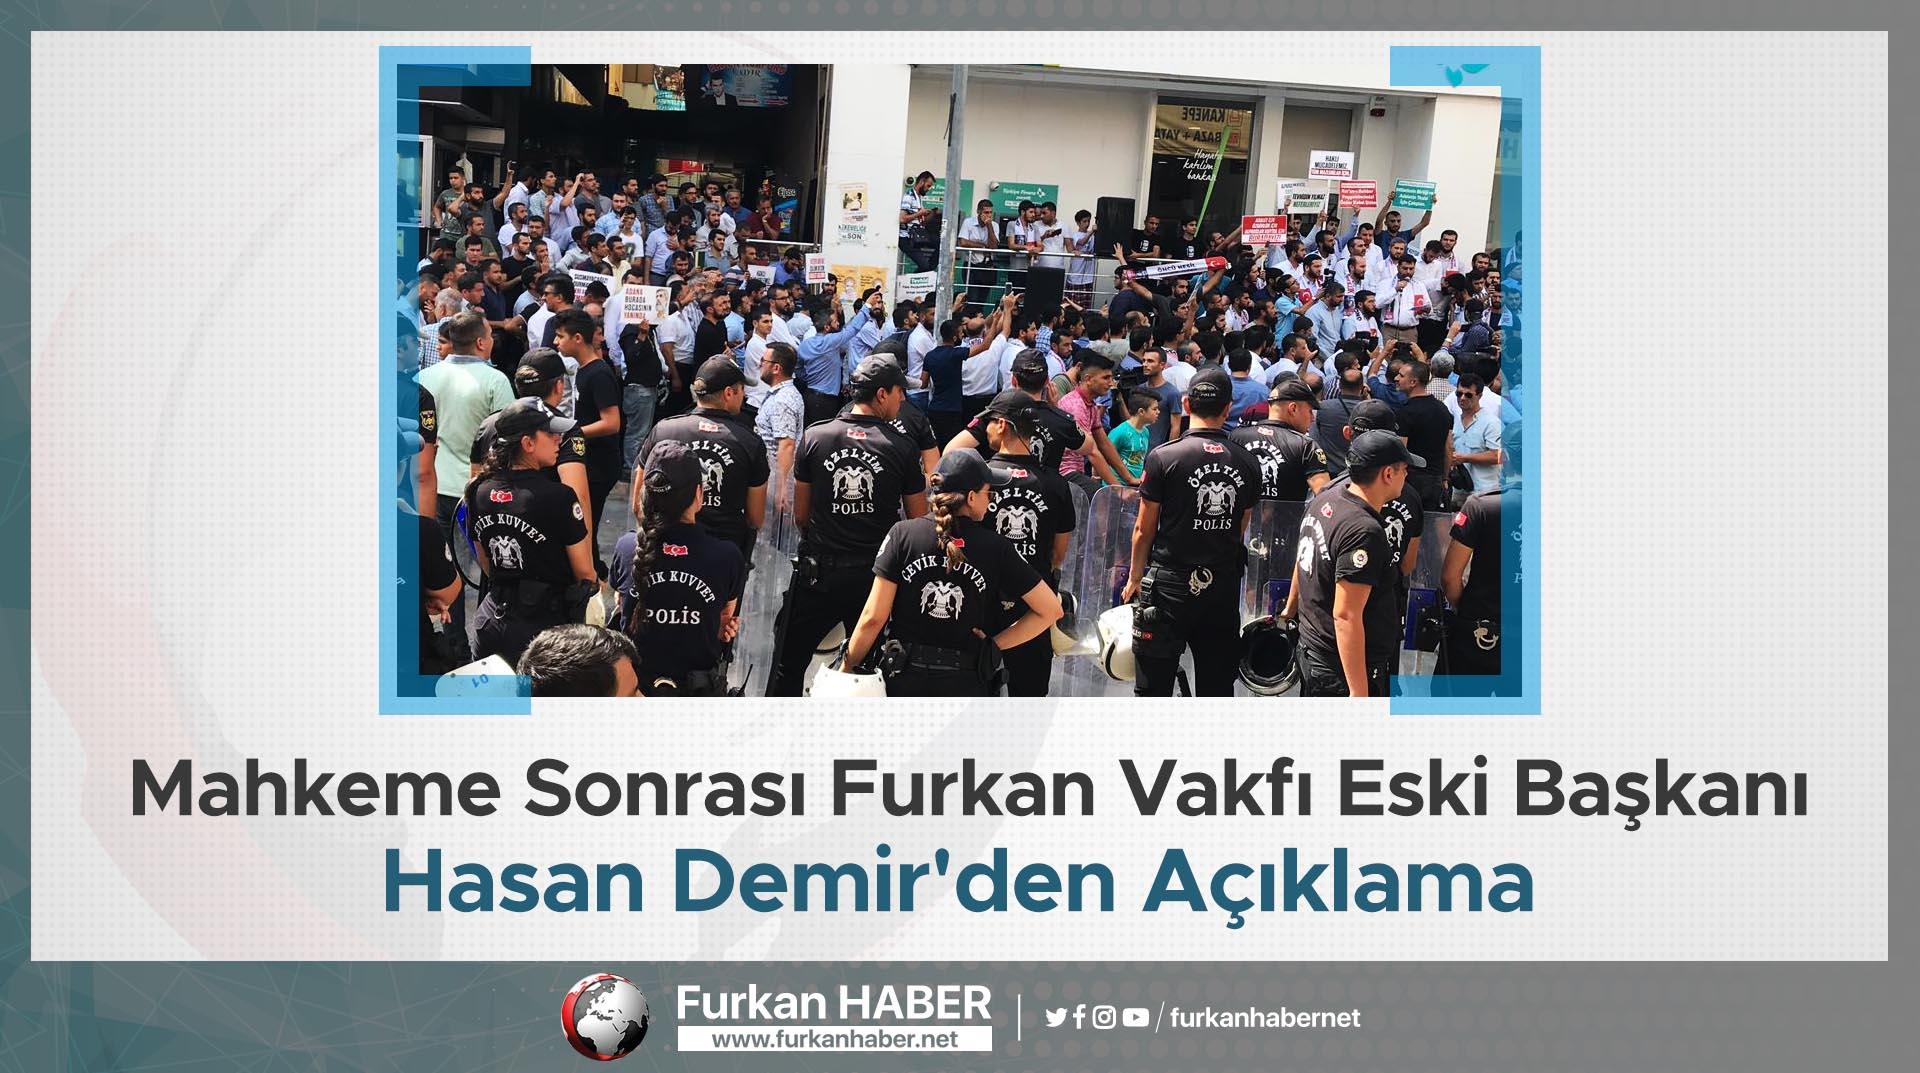 Mahkeme Sonrası Furkan Vakfı Eski Başkanı Hasan Demir'den Açıklama